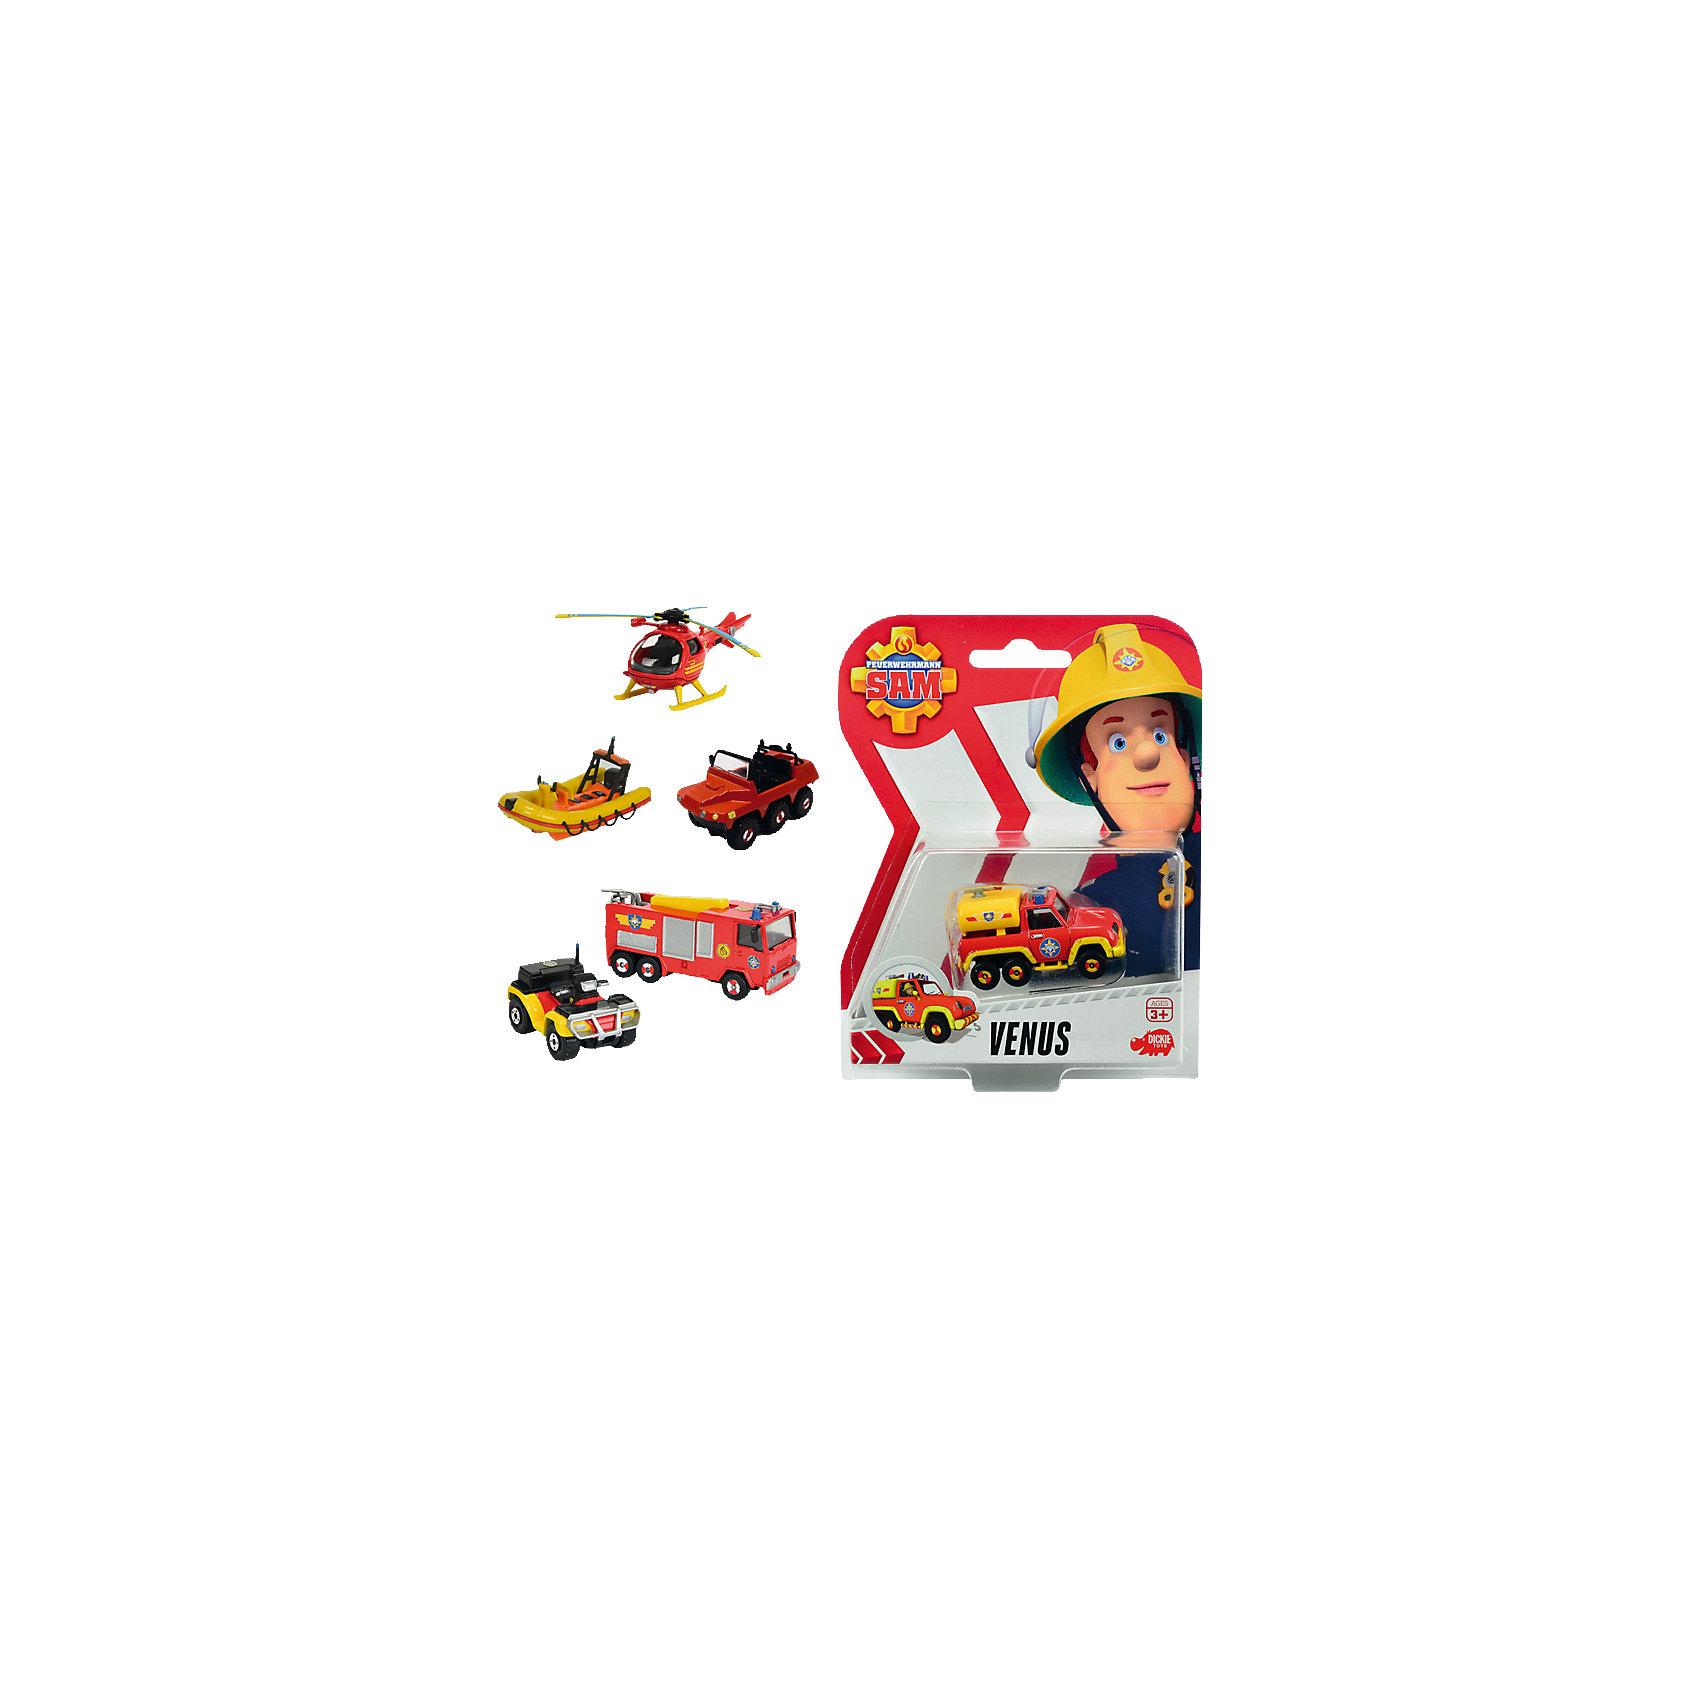 Машинка на блистере, Пожарный Сэм, DickieМашинка на блистере, Пожарный Сэм, Dickie (Дики) – эта игрушка, несомненно, придется по душе вашему мальчику и не позволит ему скучать.<br>Машинки из мультфильма Пожарный Сэм от Dickie (Дики) выполнены из качественного безопасного материала ярких цветов. В ассортименте представлены шесть транспортных средств. Модели изготовлены в соответствии с внешним видом настоящих служебных машин и вертолетов пожарных и спасателей, что сделает сюжетно-ролевые игры реалистичнее. С машинкой из мультфильма Пожарный Сэм ваш ребенок почувствует себя в роли храброго пожарного или спасателя, и справиться с любыми опасностями!<br><br>Дополнительная информация:<br><br>- Масштаб: 1:64<br>- В комплекте: 1 игрушка<br>- В ассортименте: лодка Neptune (6 см); пожарная машина Jupiter (7,5 см); квадроцикл Mercury (5 см); грузовик Venus (6 см); вертолет Helicopter (8,5 см); шестиколесный автомобиль Hydrus (6,5 см)<br>- Материал: металл<br>- Упаковка: блистер на картоне<br>- Размер упаковки: 14х18х6 см.<br>- Вес: 100 гр.<br>- ВНИМАНИЕ! Данный артикул представлен в разных вариантах исполнения. К сожалению, заранее выбрать определенный вариант невозможно. При заказе нескольких машинок возможно получение одинаковых<br><br>Машинку на блистере, Пожарный Сэм, Dickie (Дики) можно купить в нашем интернет-магазине.<br><br>Ширина мм: 140<br>Глубина мм: 180<br>Высота мм: 60<br>Вес г: 100<br>Возраст от месяцев: 36<br>Возраст до месяцев: 72<br>Пол: Мужской<br>Возраст: Детский<br>SKU: 4490480